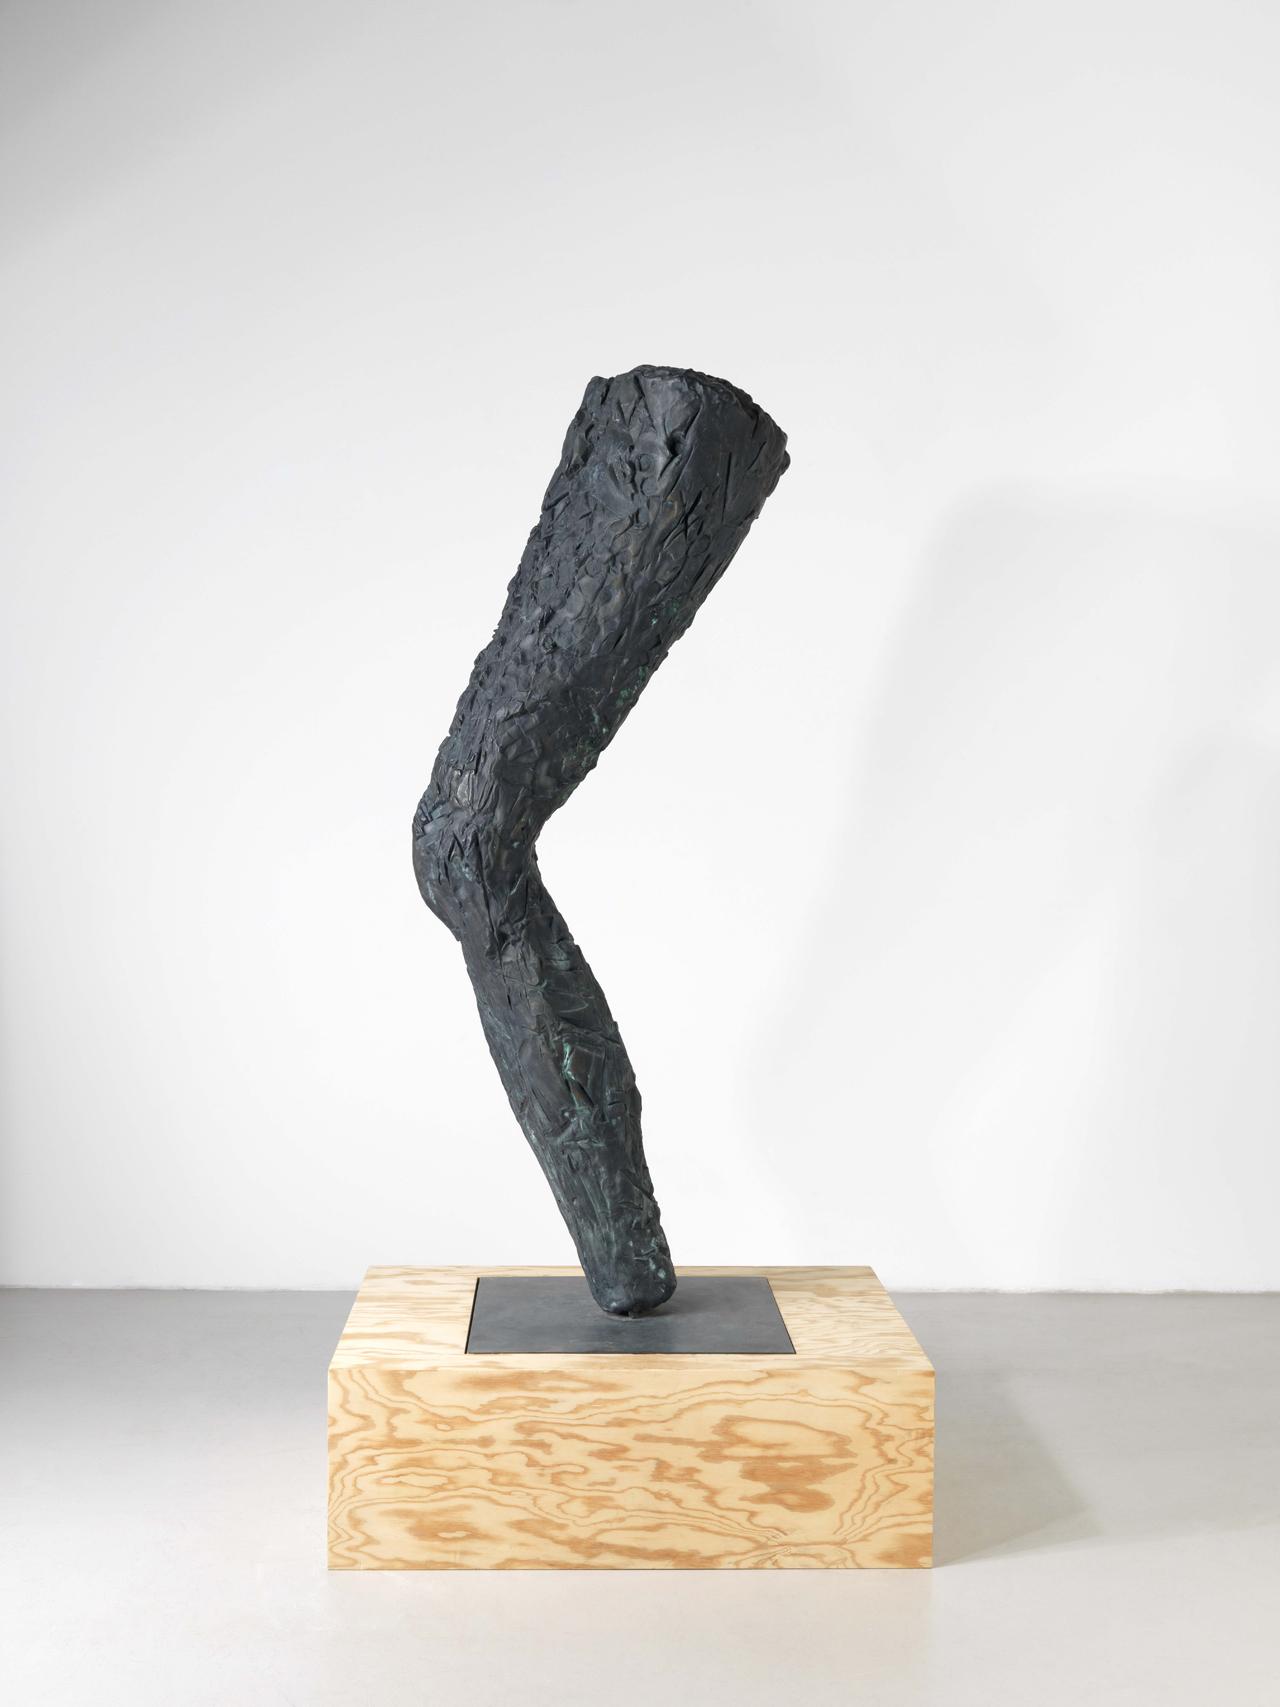 Günther Förg, Bein, 1993, Bronze, 165 x 35 x 35 cm